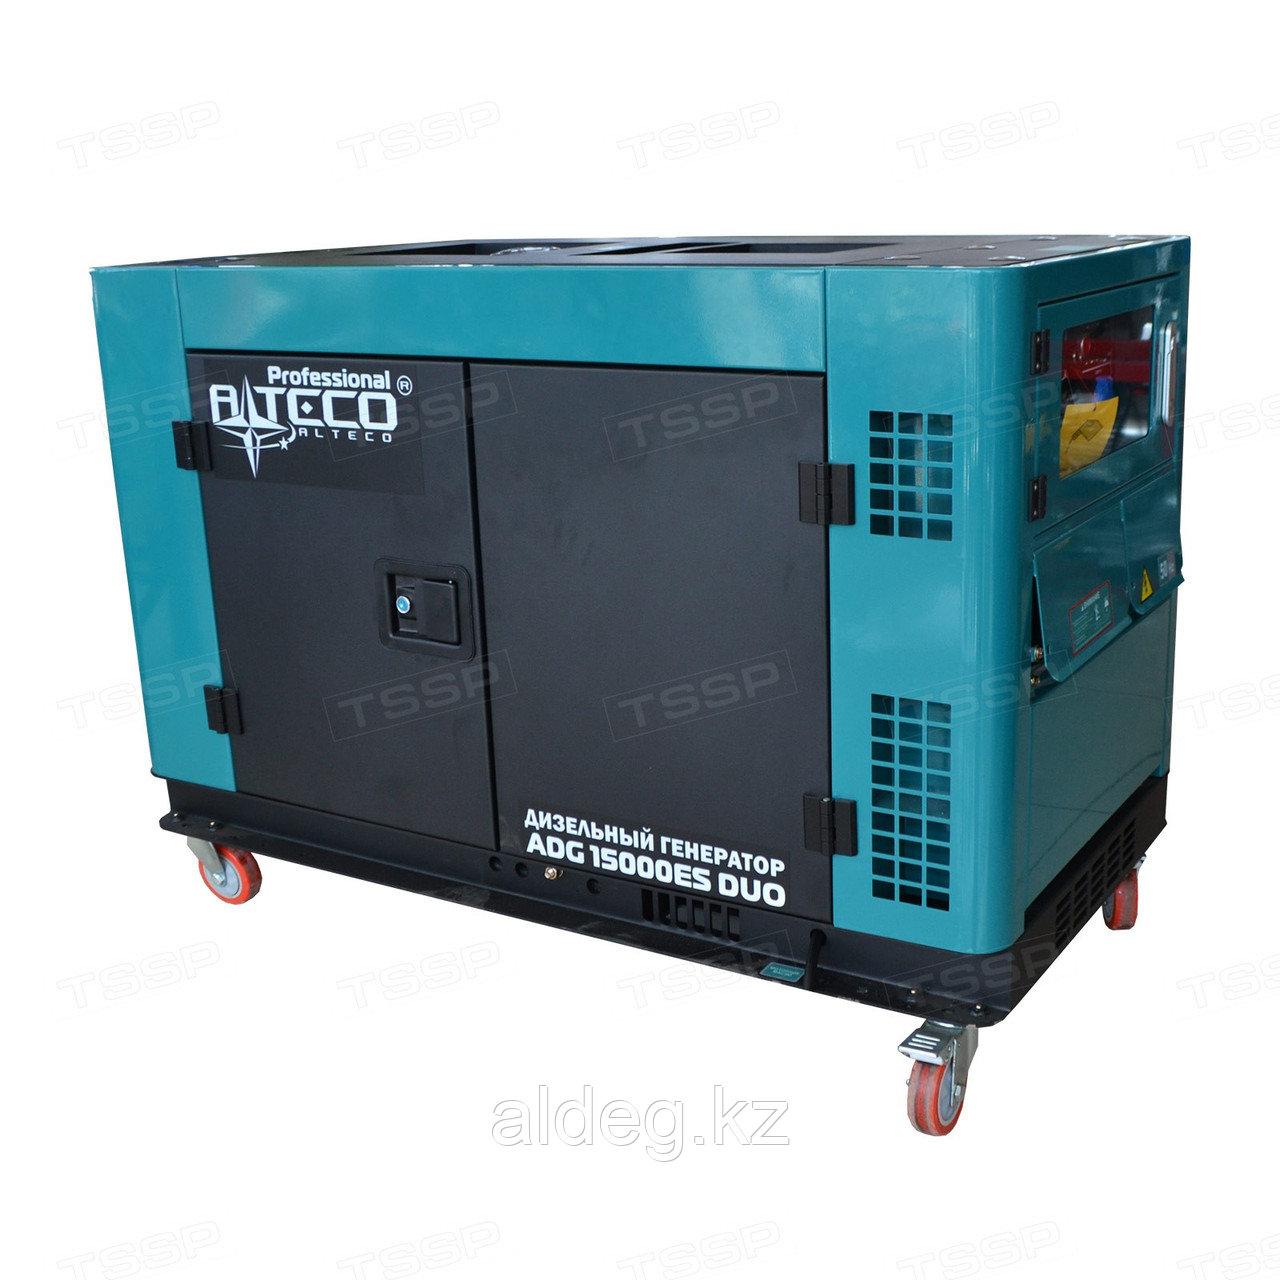 Дизельный генератор Alteco Professional ADG 12000EWS DUO